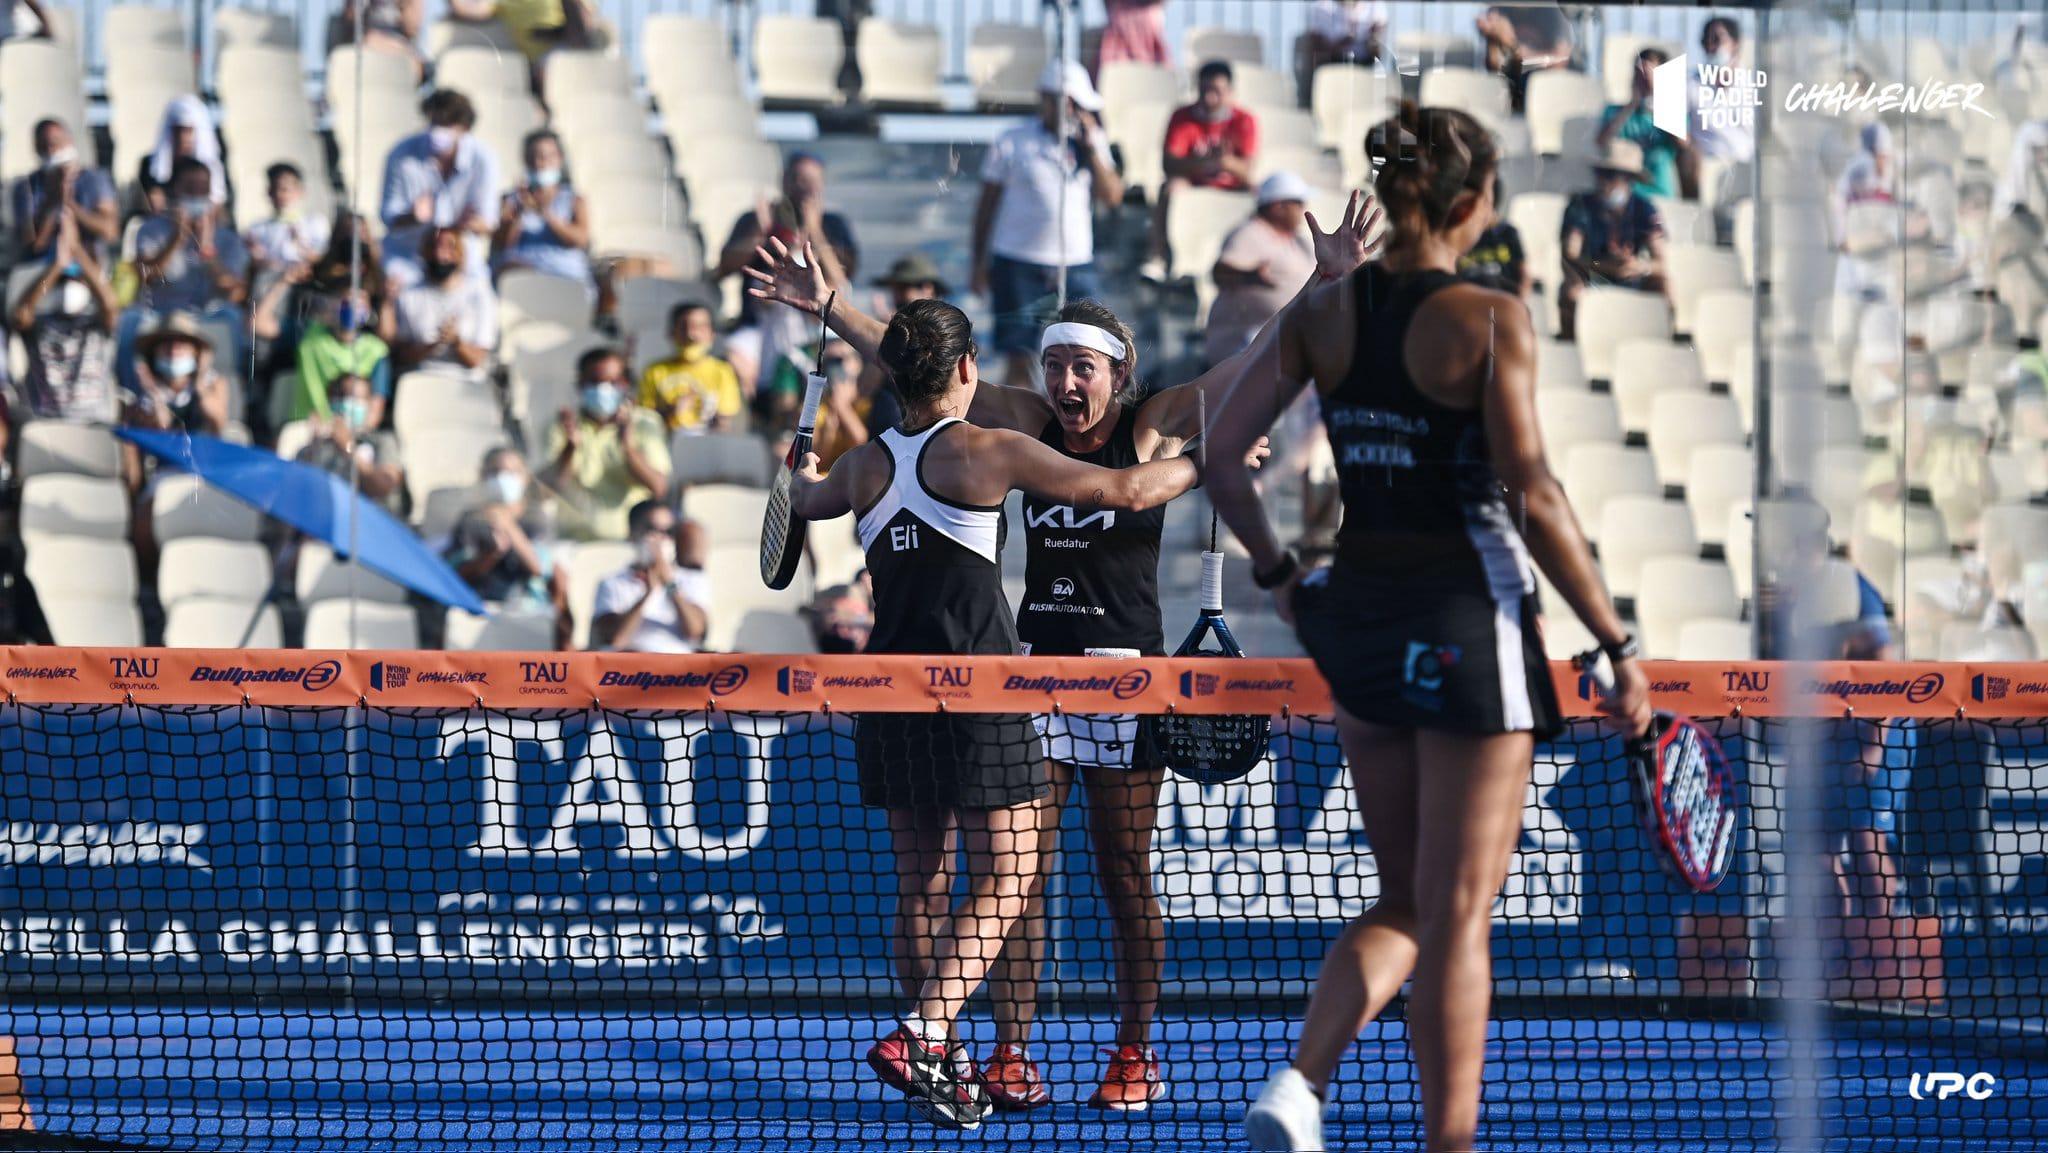 Carolina Navarro y Momo González pelearán este sábado por el pase a la final en Marbella